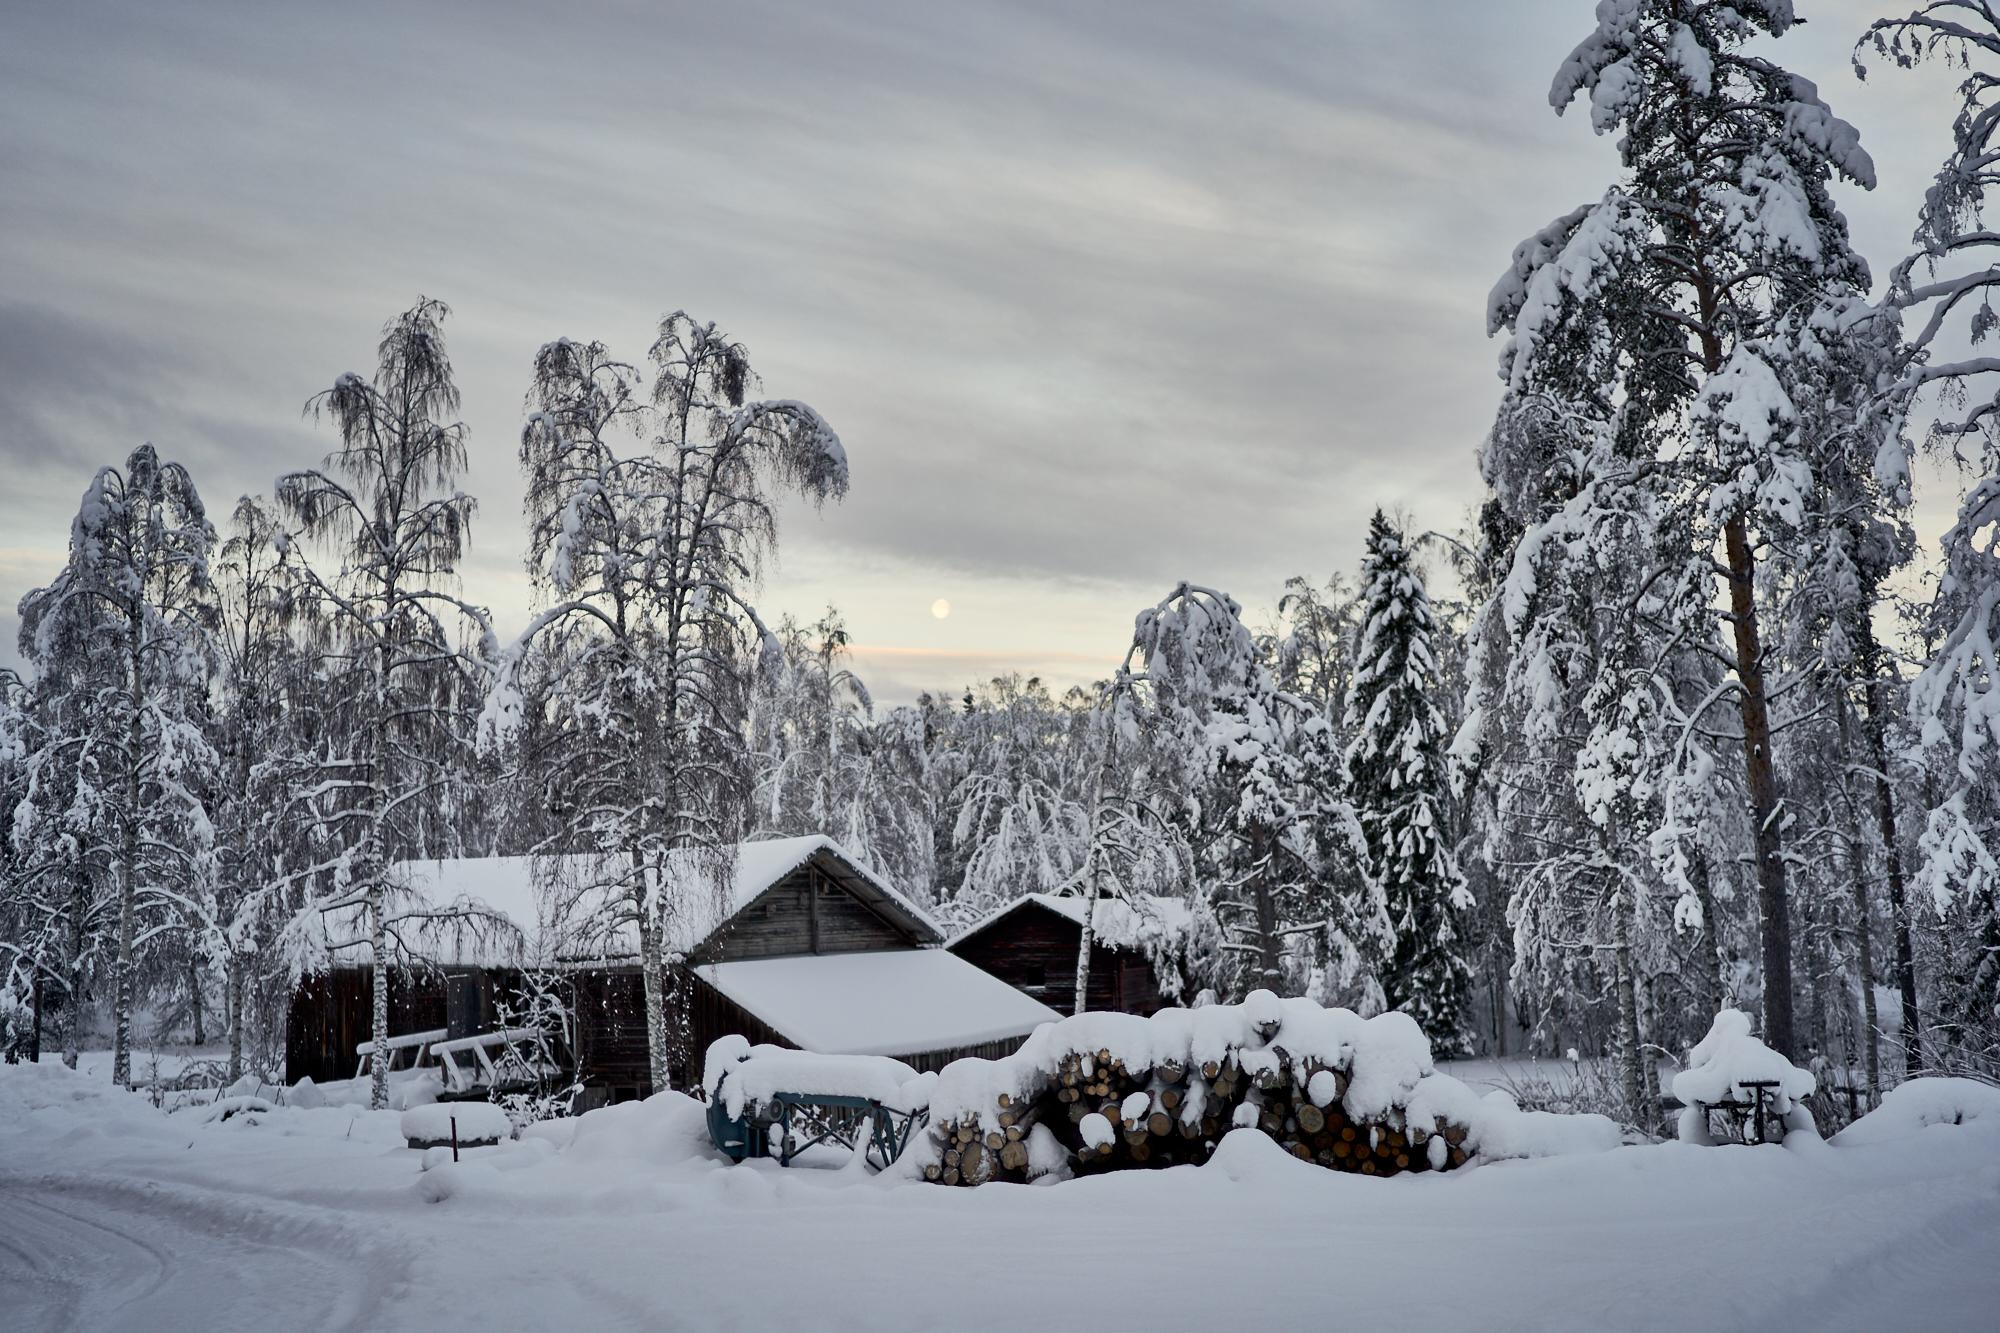 Zweden-2018-NIK01528.jpg